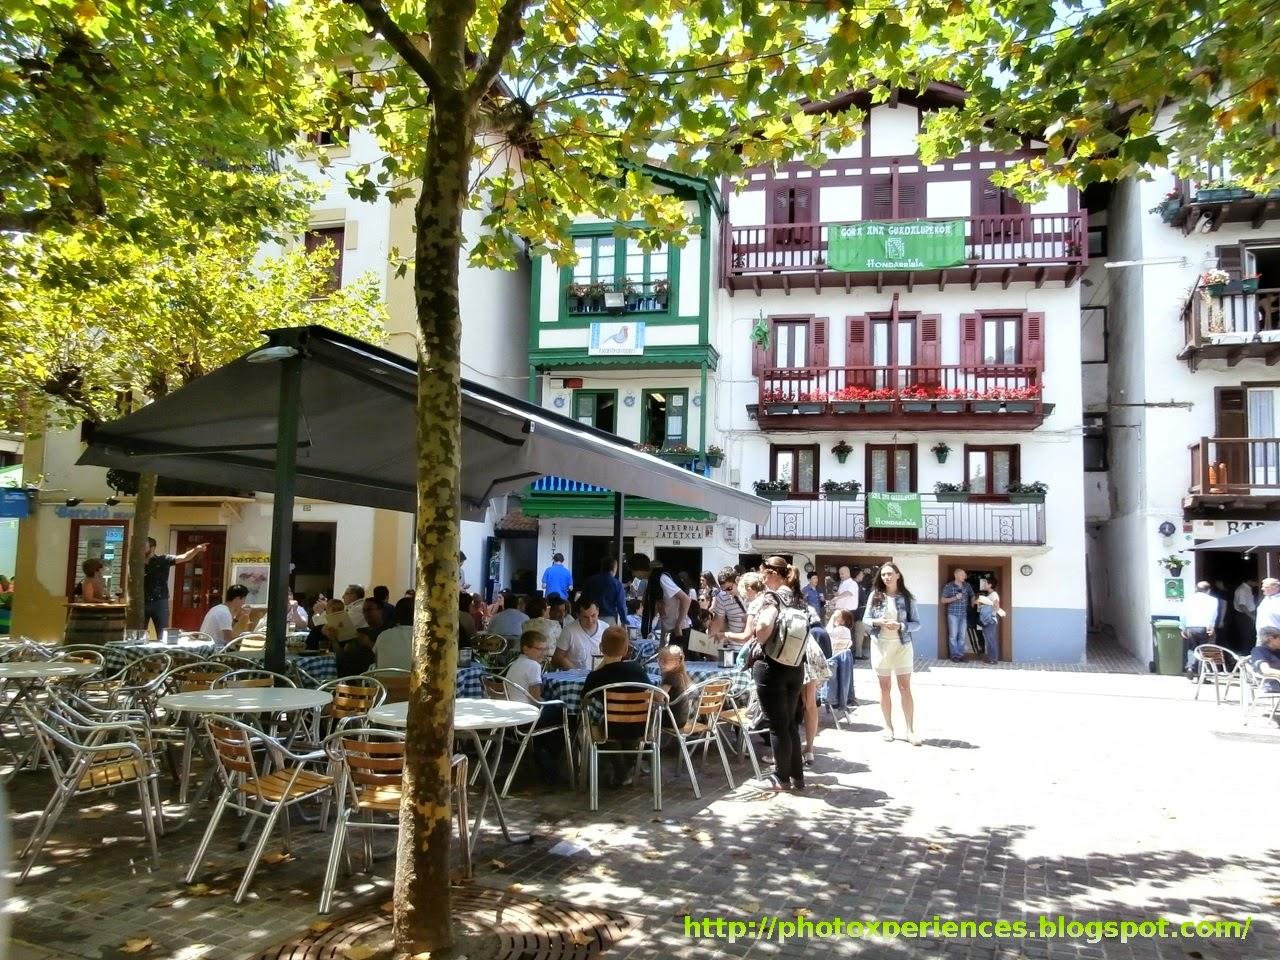 Casas y bares típicos del Barrio de la Marina de Hondarribia - Fuenterrabía